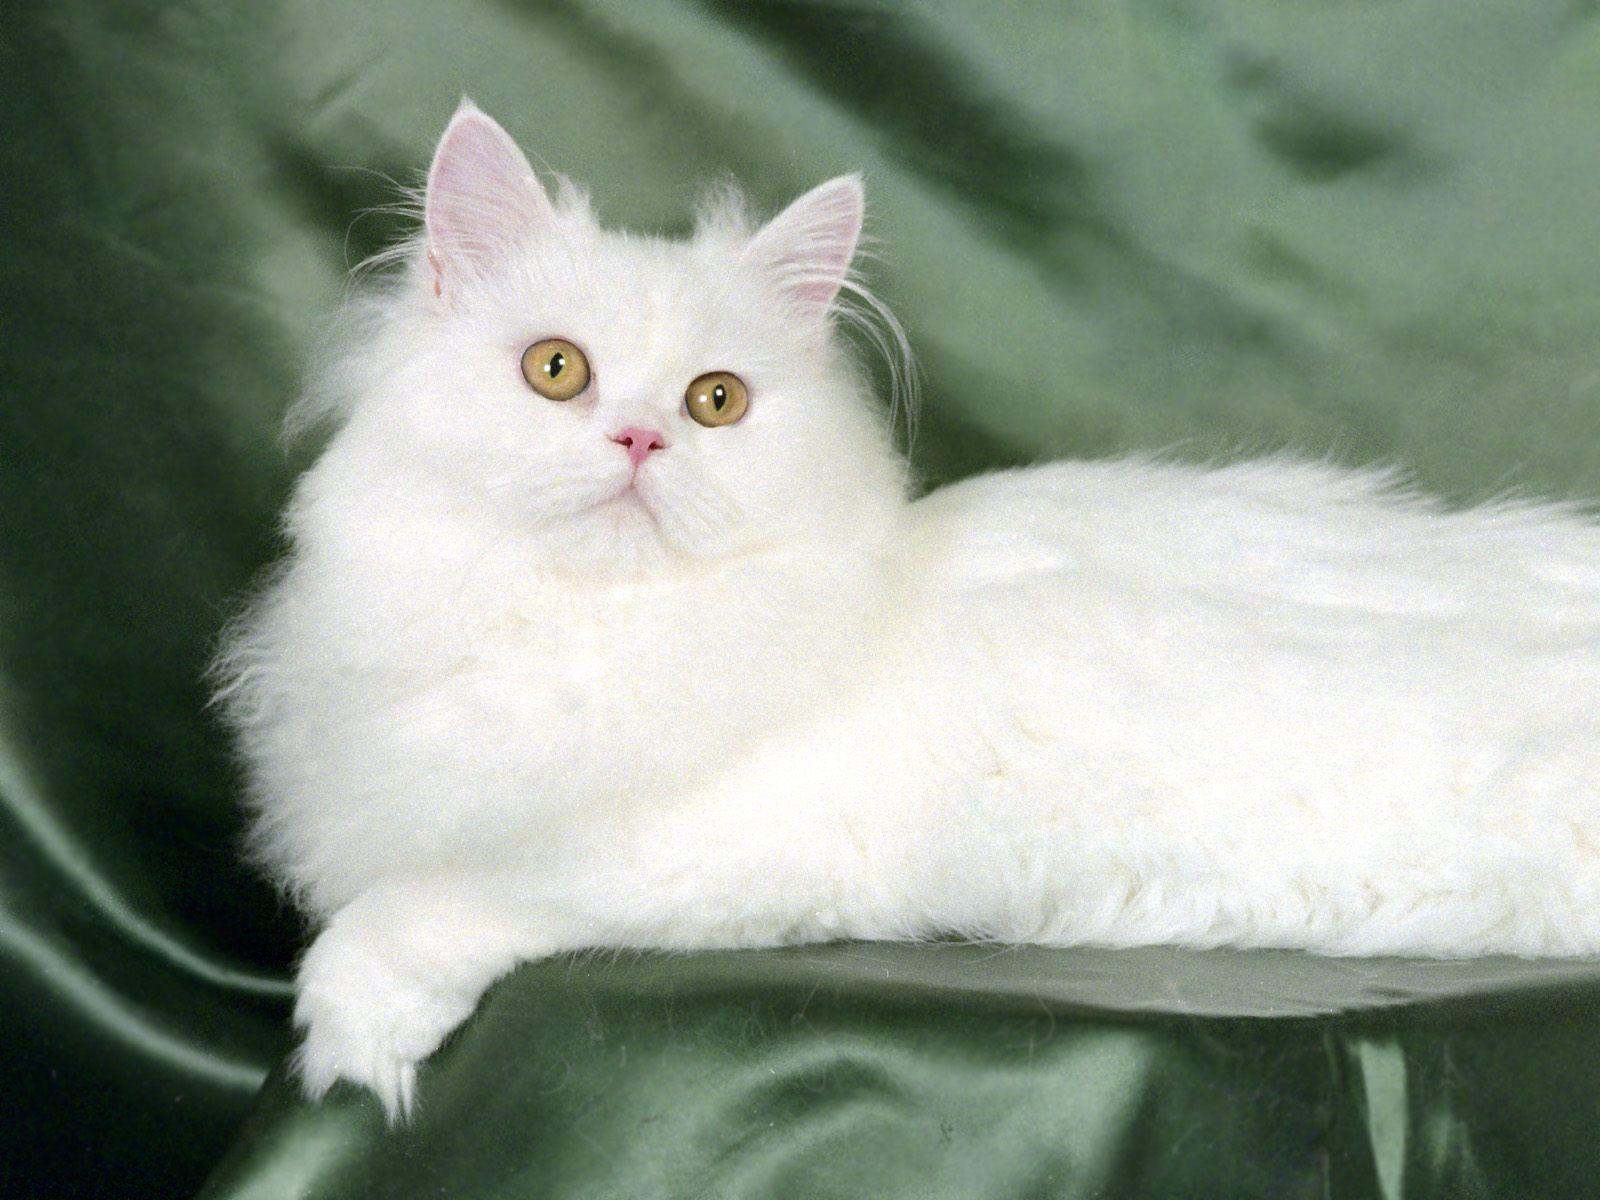 Gambar Kucing Persia Lucu Dan Imut 2013 Gambar Keren Dan Unik